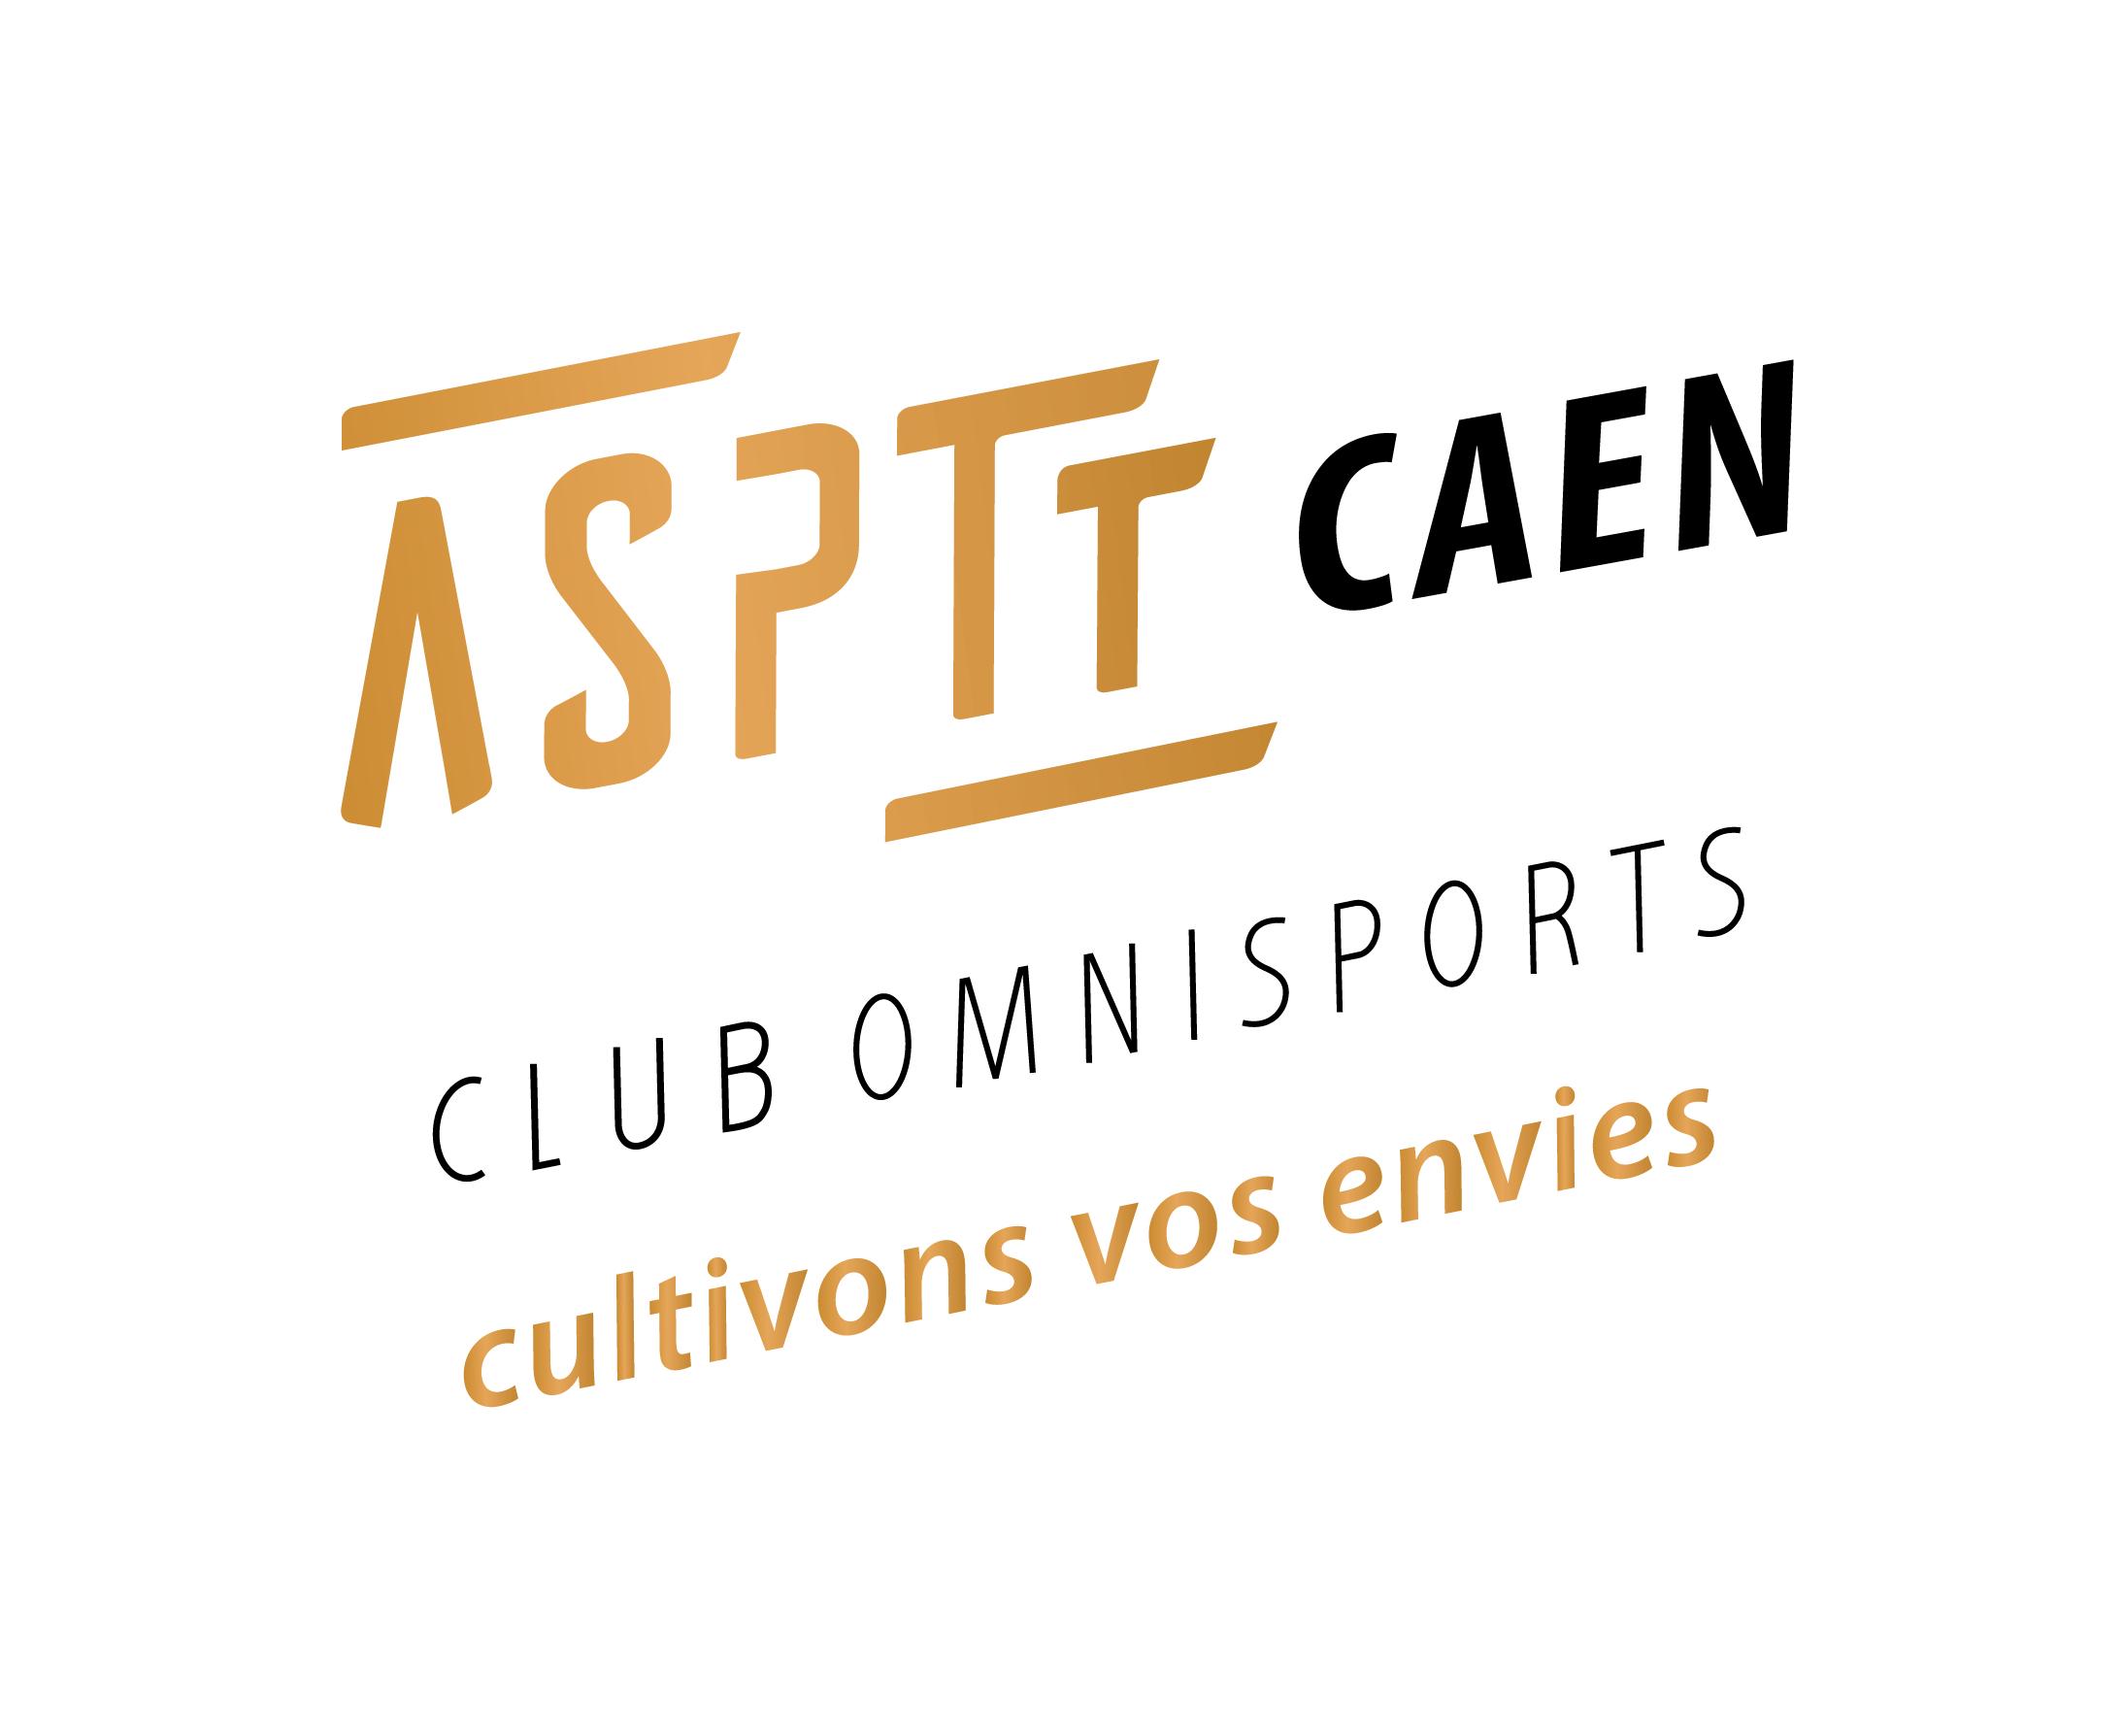 Club omnisports ouvert à tous : 1 club 15 activités